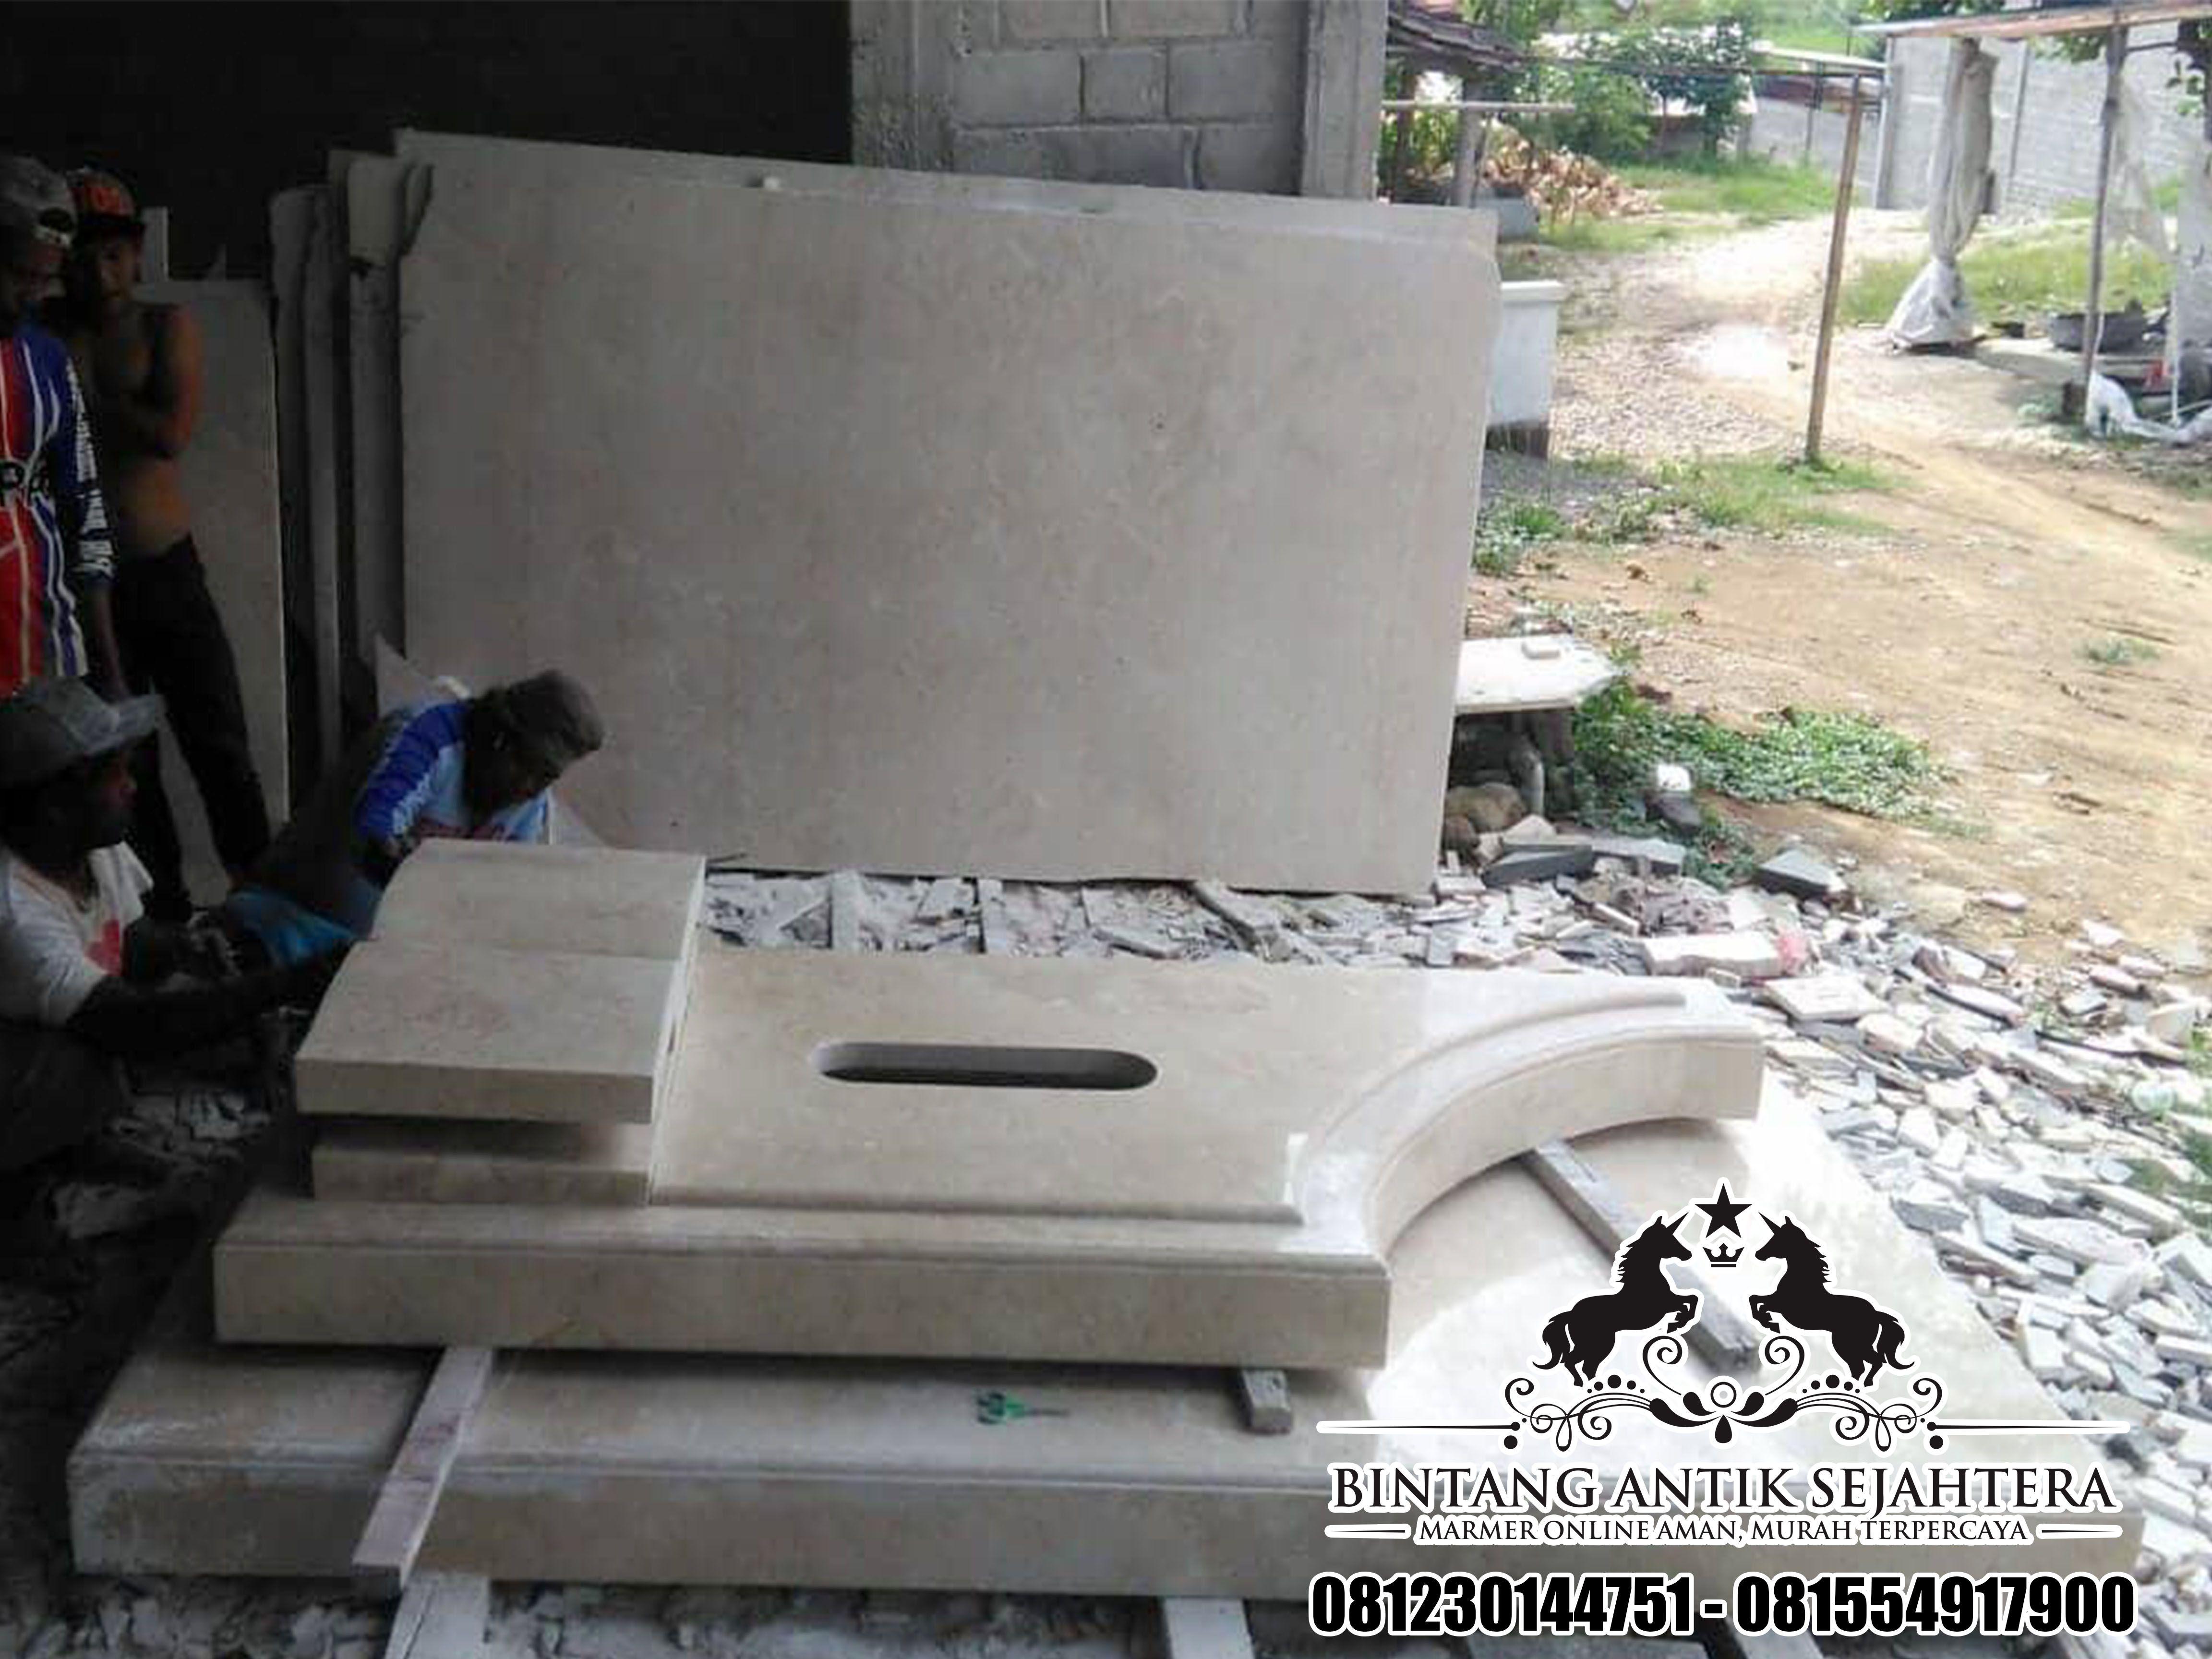 Kijing Makam Sederhana, Harga Kijing Batu Asli, Harga Kijing Makam di Surabaya